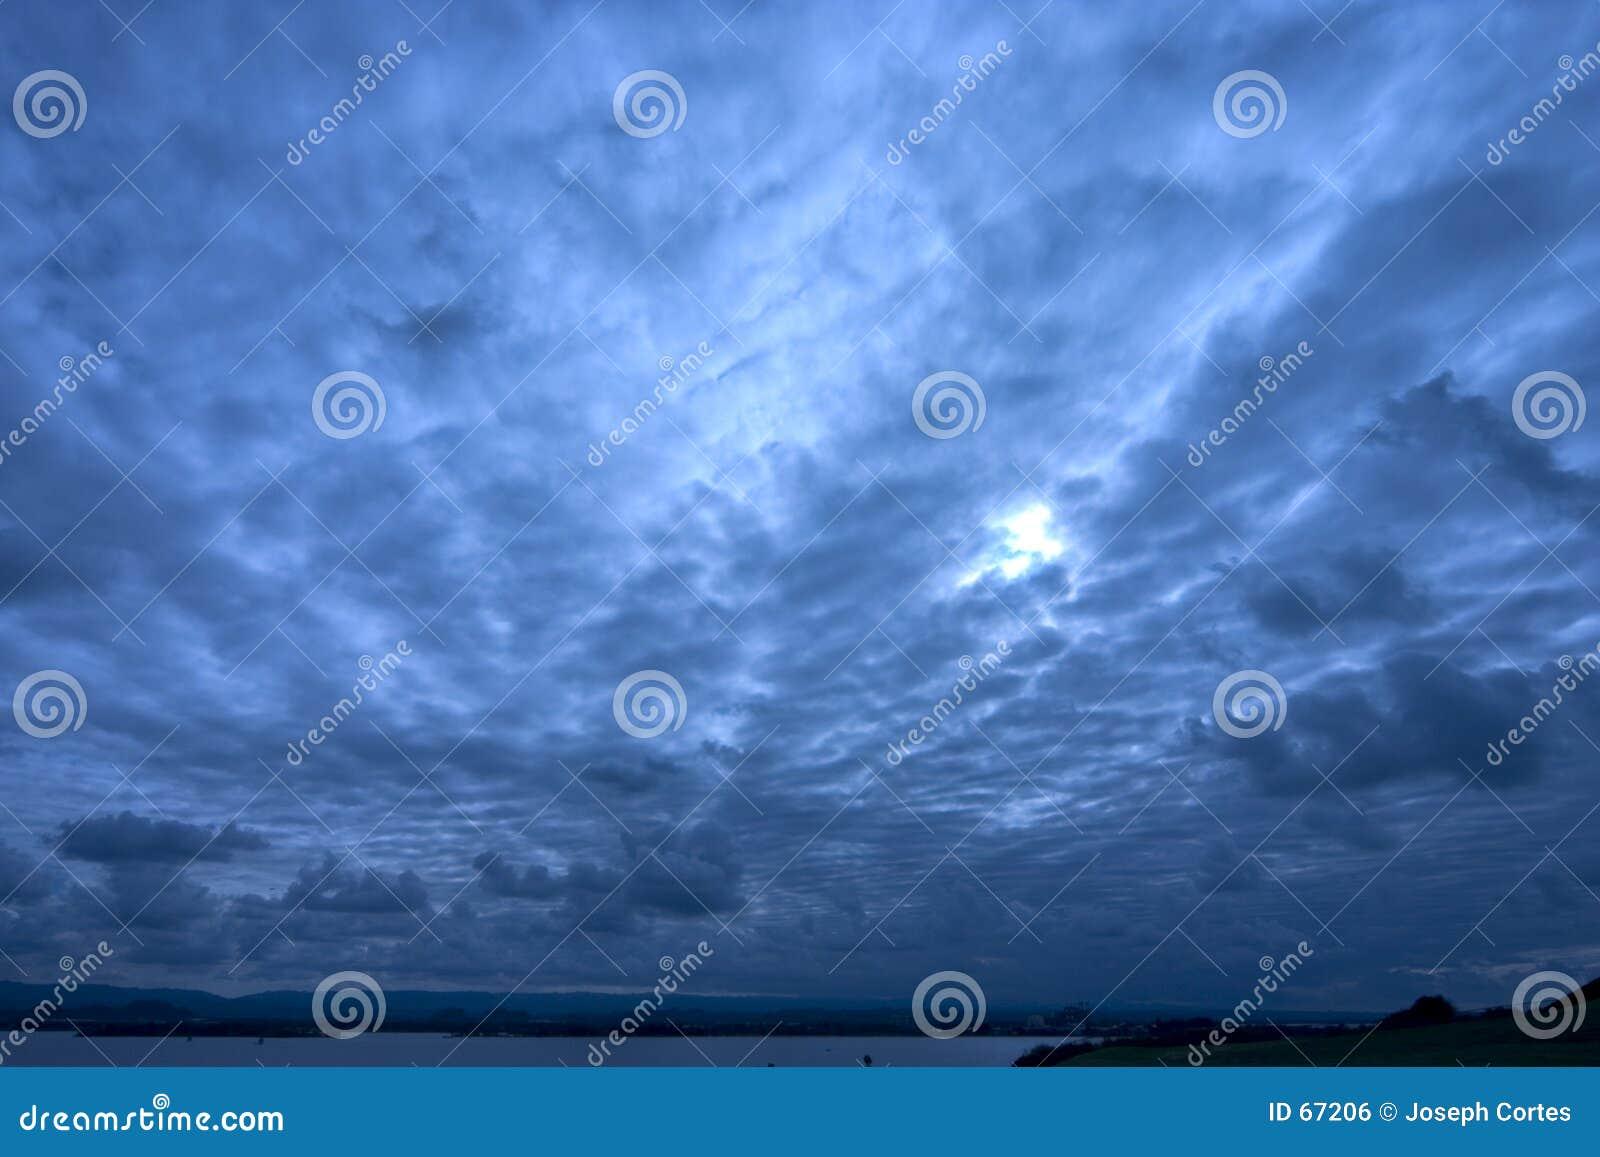 μπλε βαθύς ουρανός